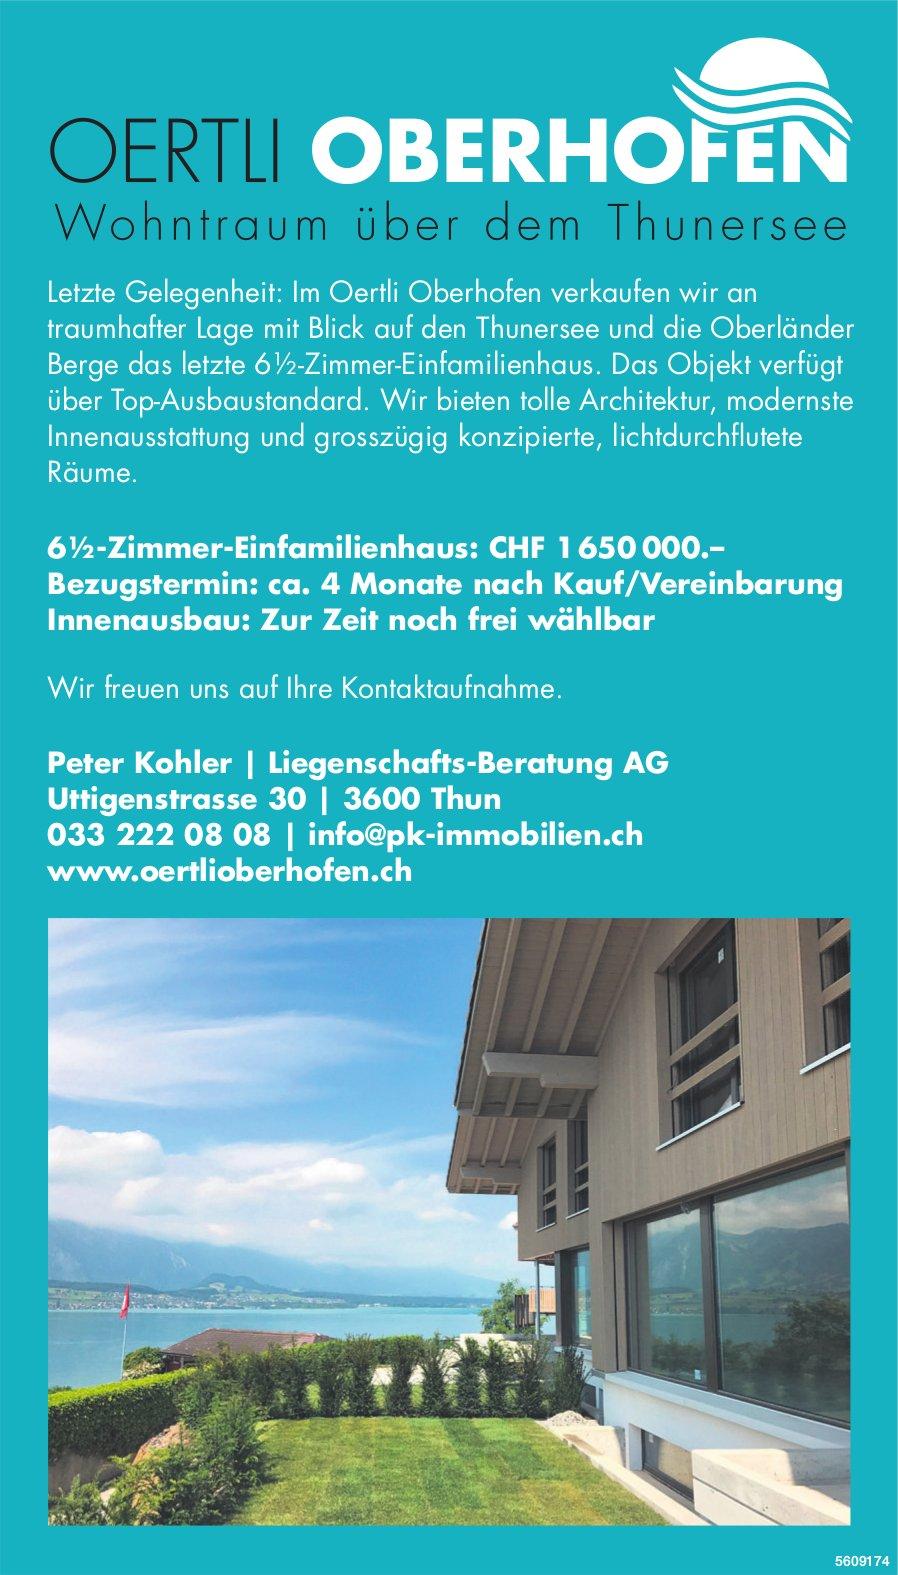 6.5-Zimmer-Einfamilienhaus im Oertli Oberhofen zu verkaufen